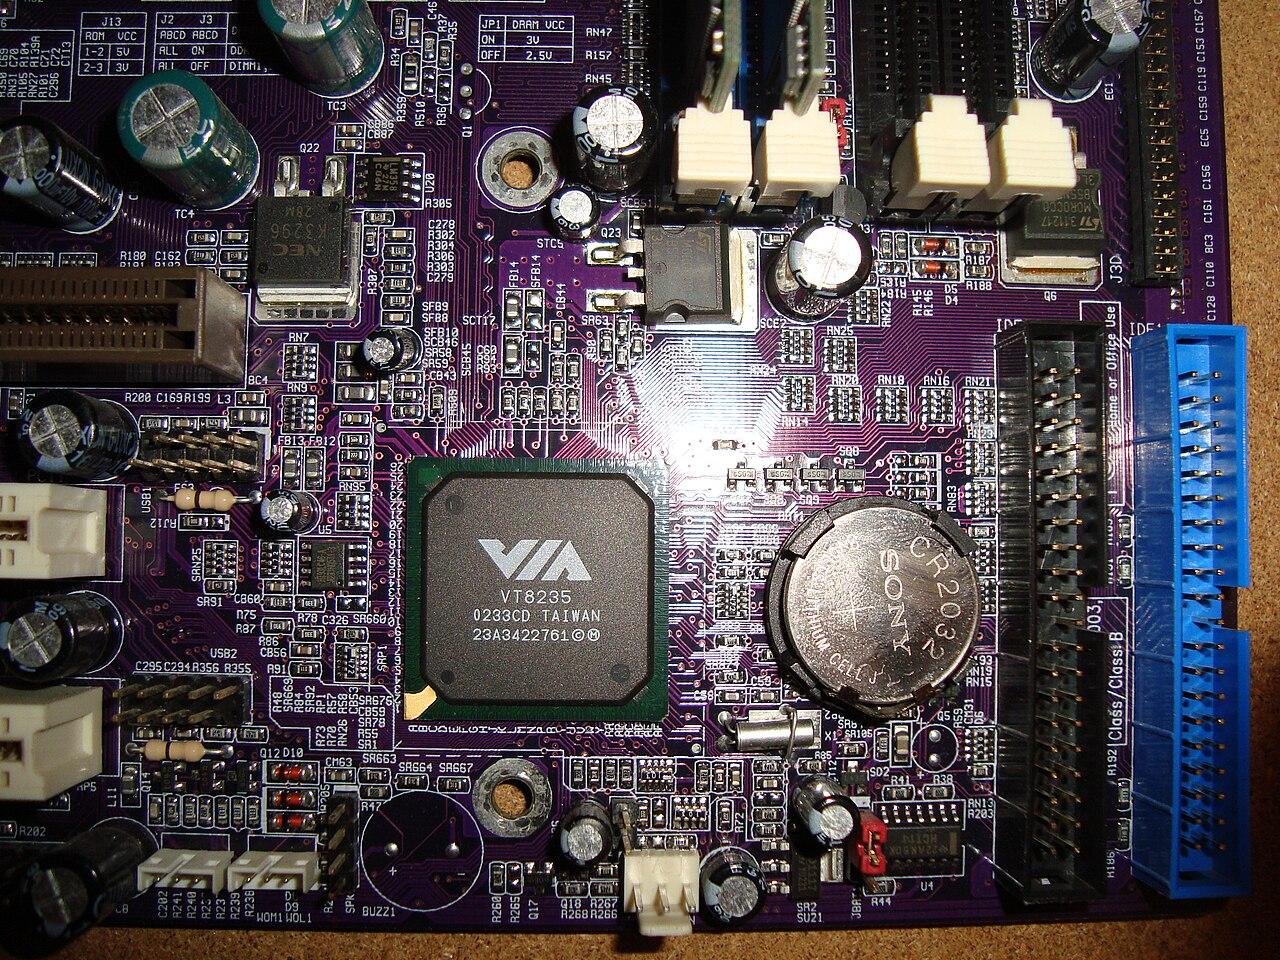 VT8235 MOTHERBOARD 64BIT DRIVER DOWNLOAD